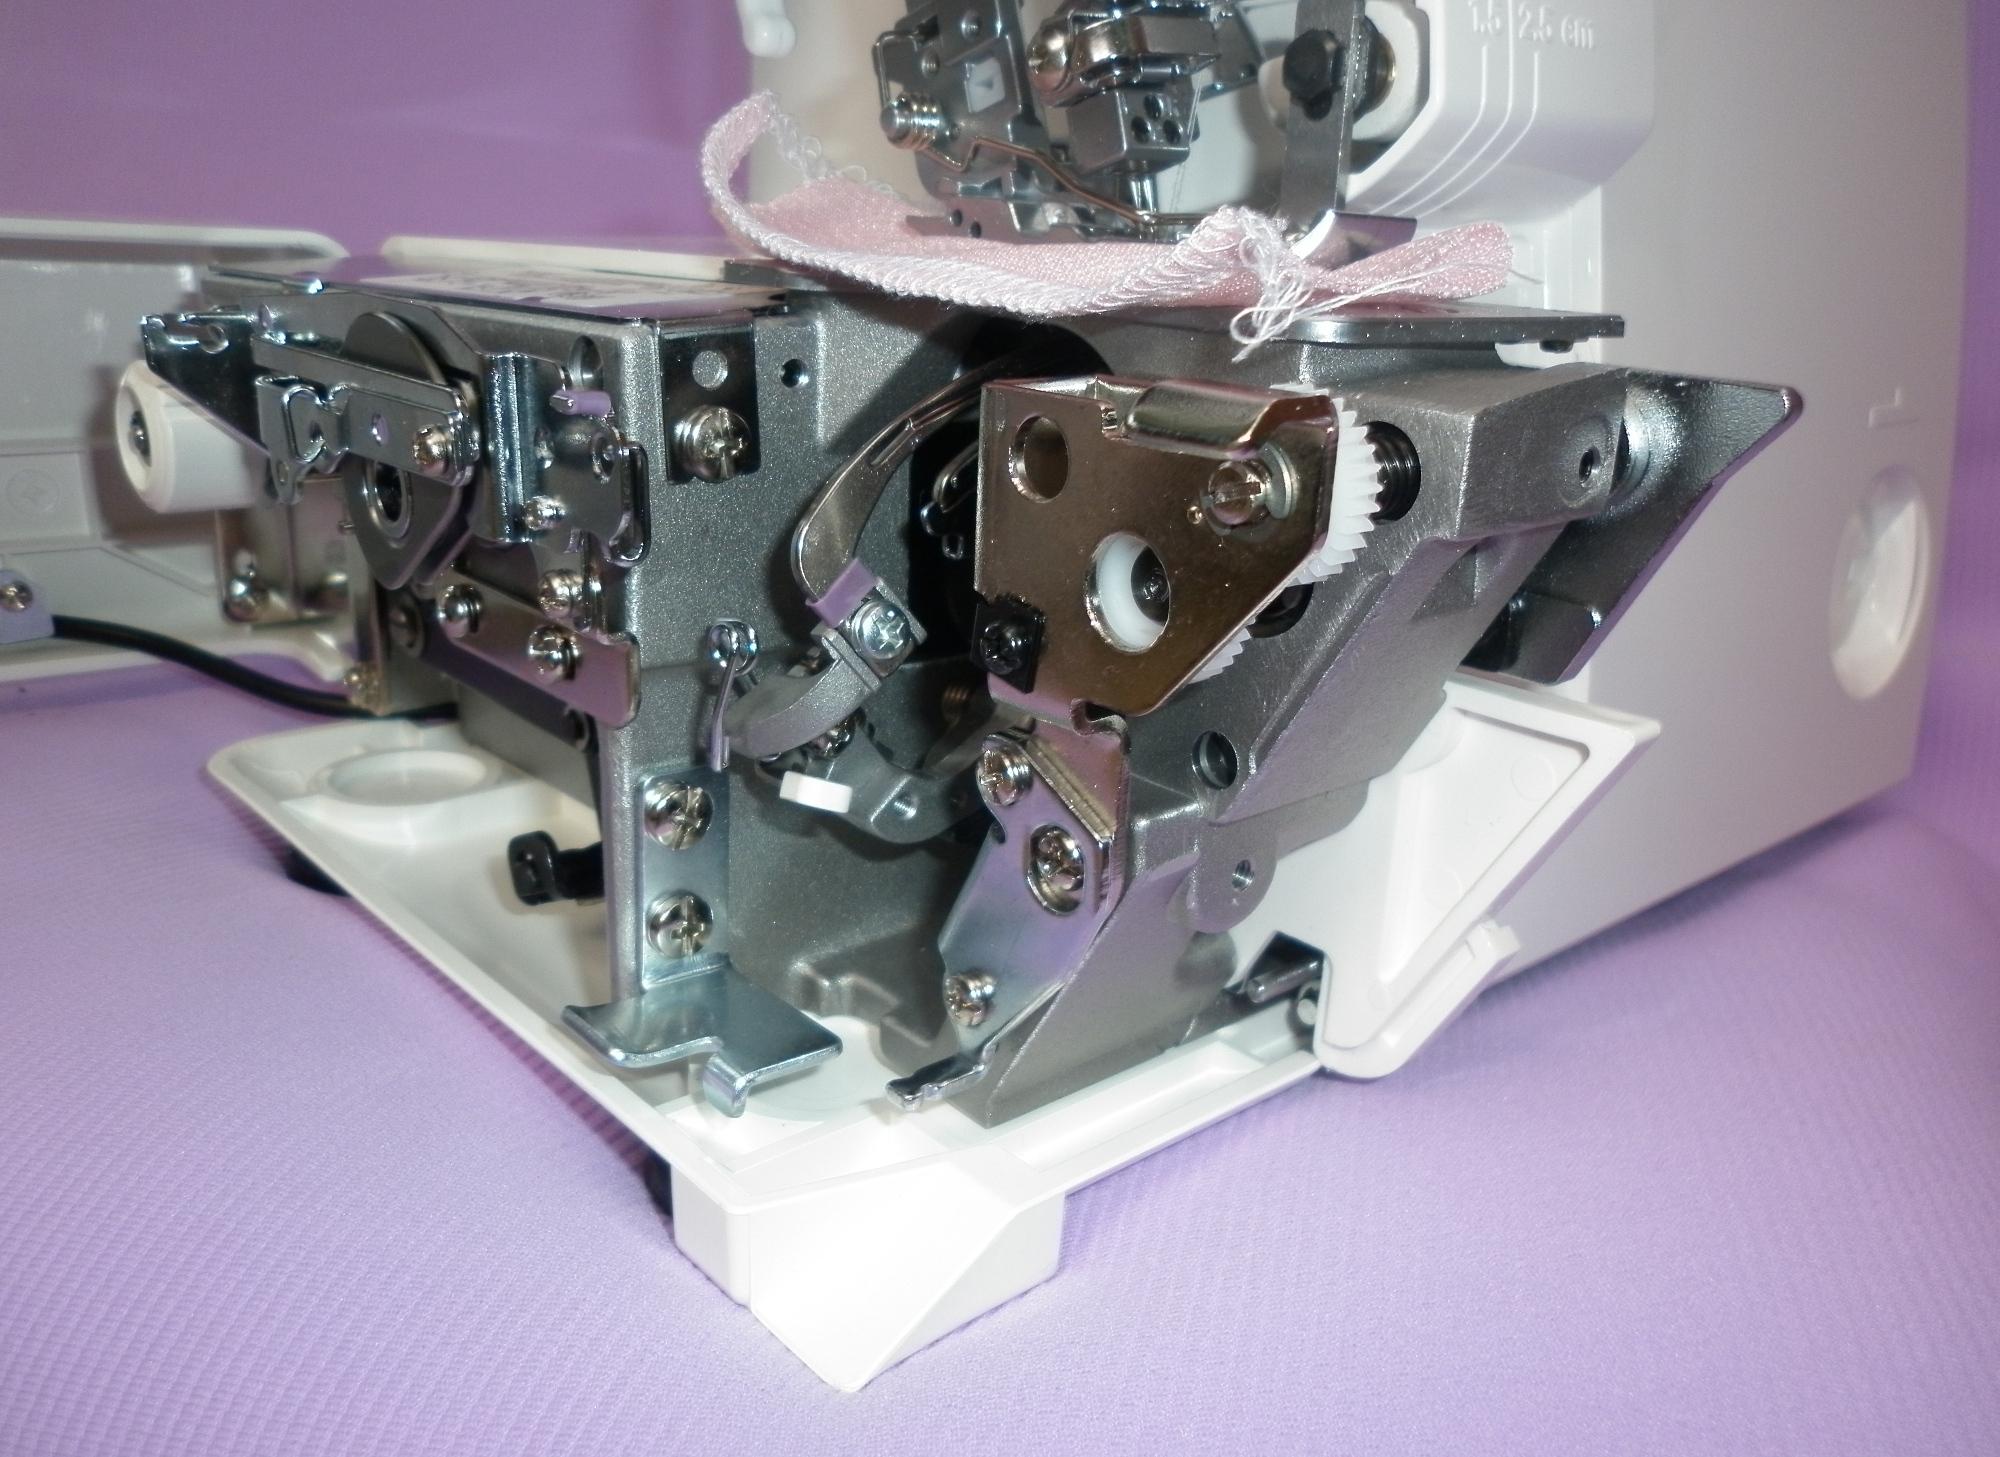 Коверлок JUKI MO 735 ( Оверлок - плоскошовная распошивальная швейная машина ), внутреннее устройство механизма.